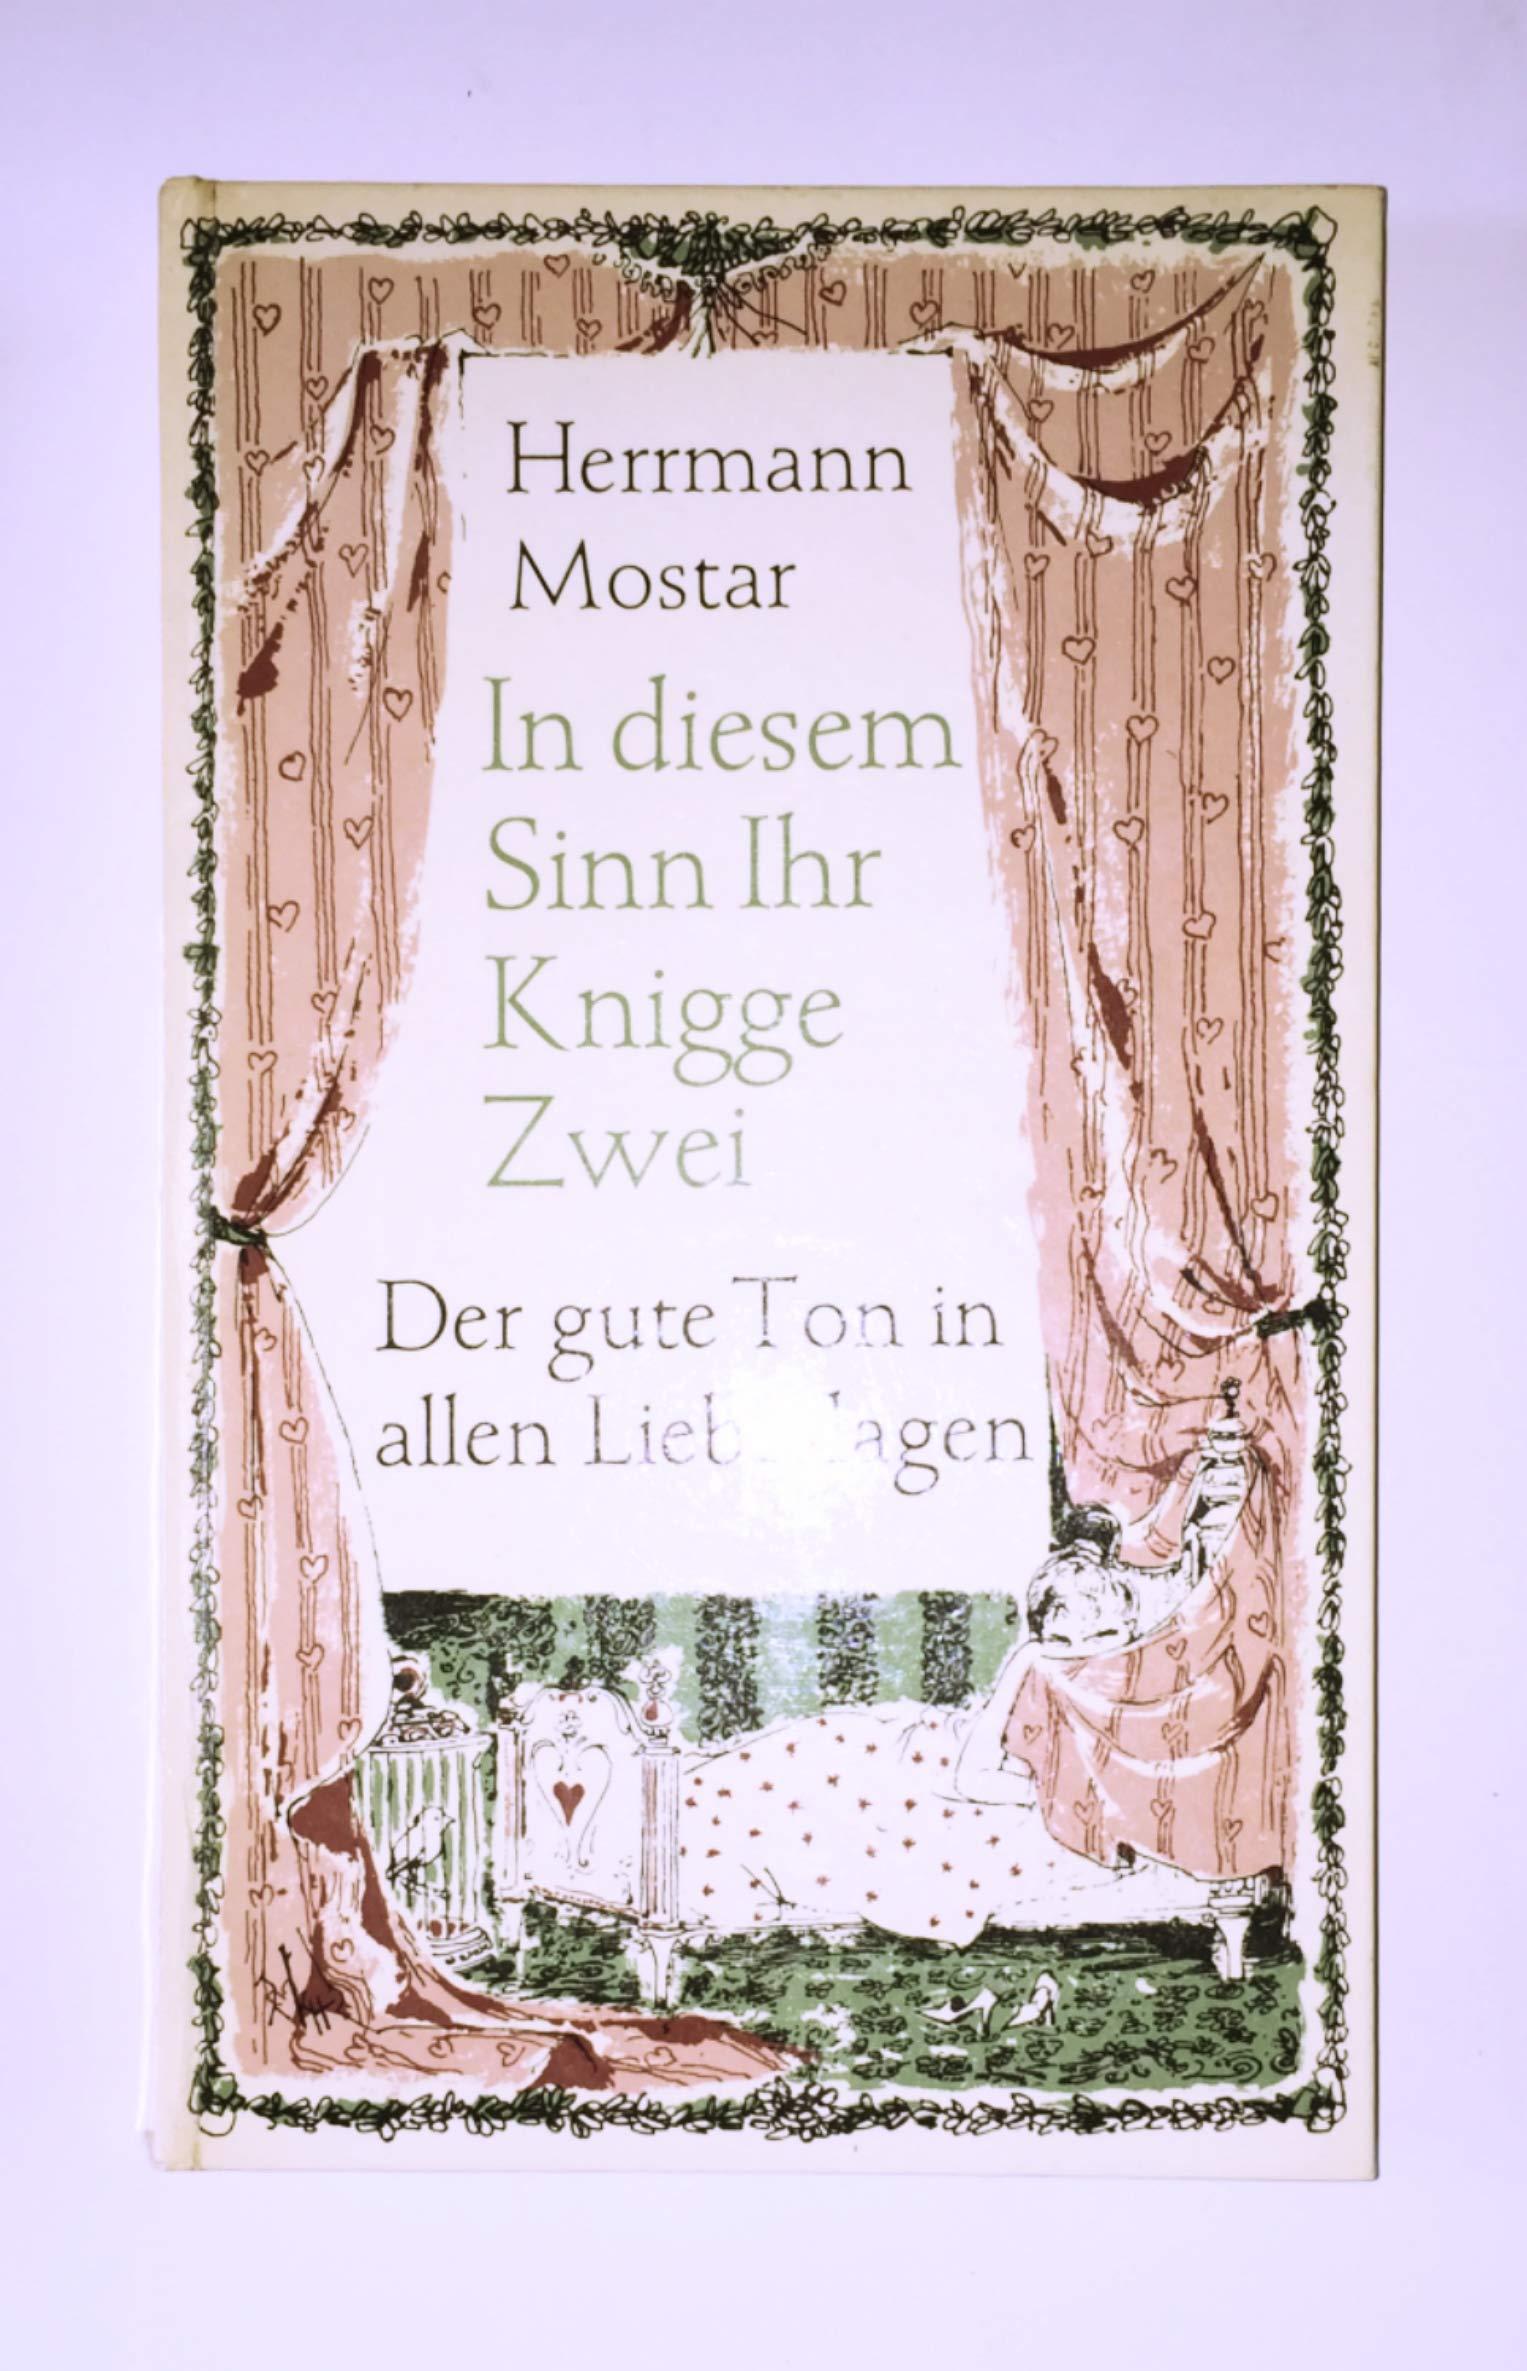 Herrmann Mostar : In diesem Sinn Ihr Knigge II - Der gute Ton in allen Liebesdingen